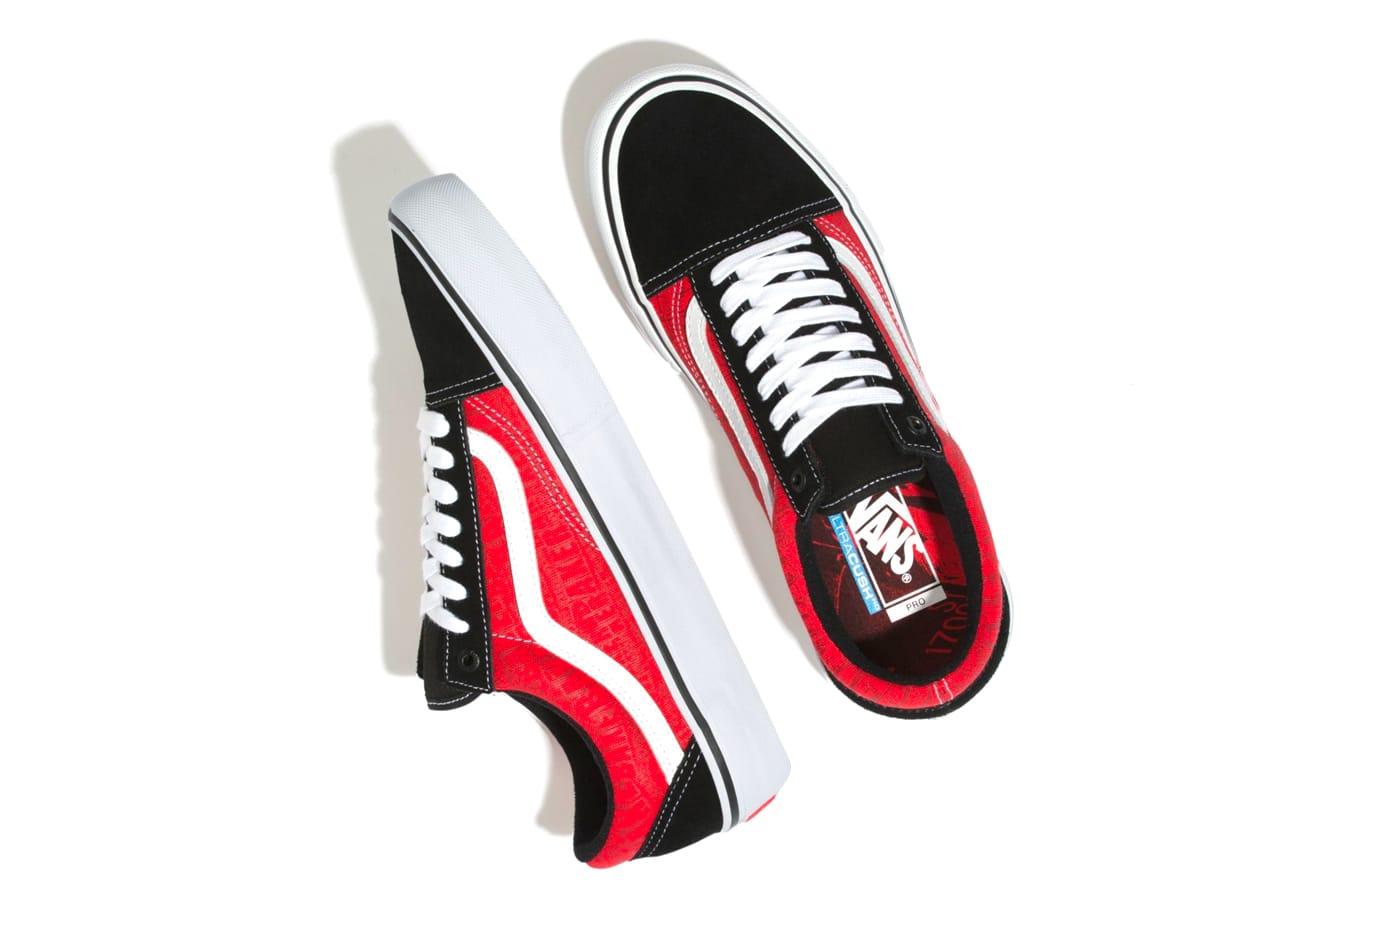 Vans x Baker Skateboards Capsule